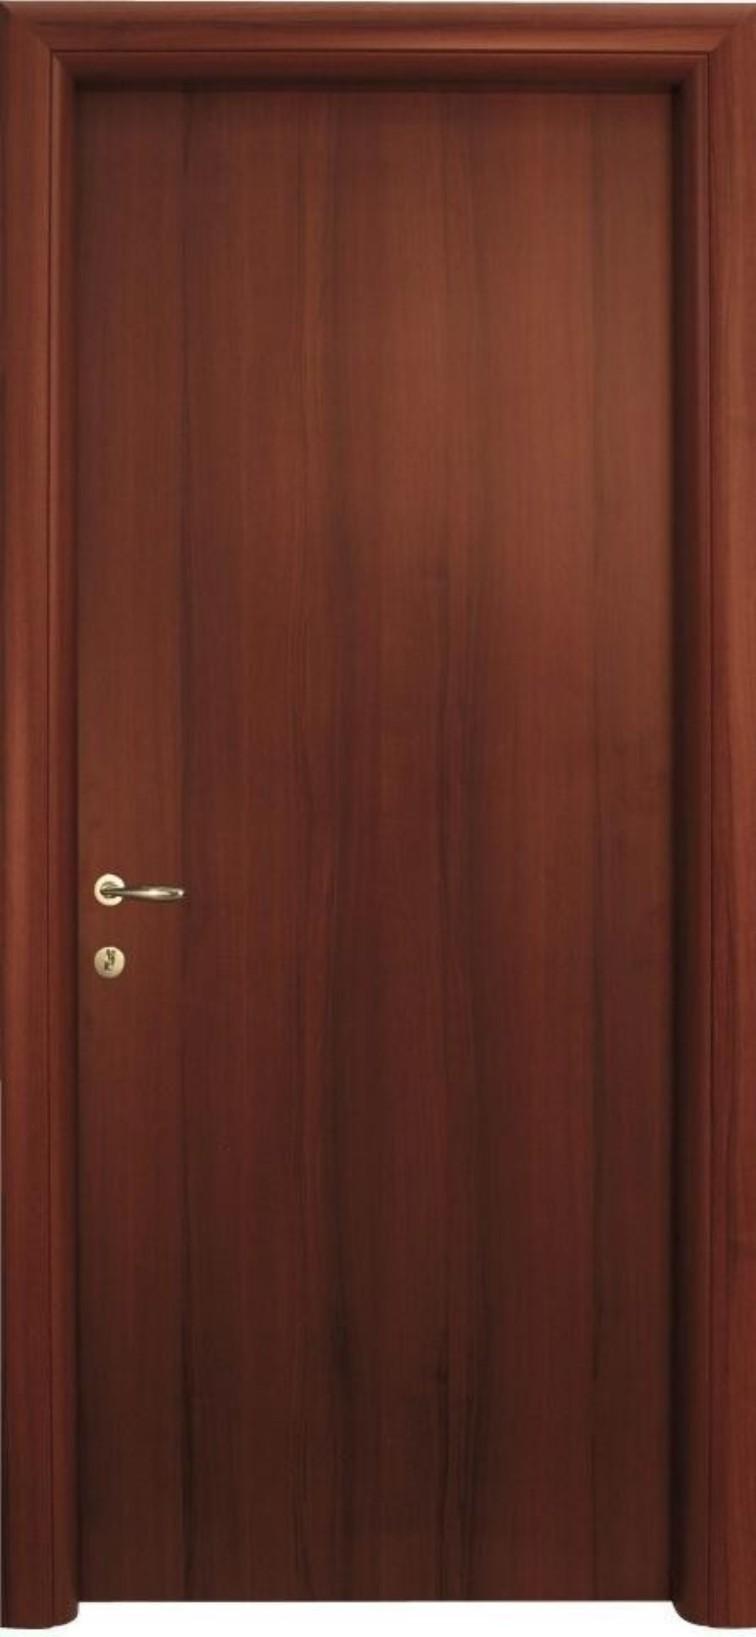 Porte interne color noce nazionale